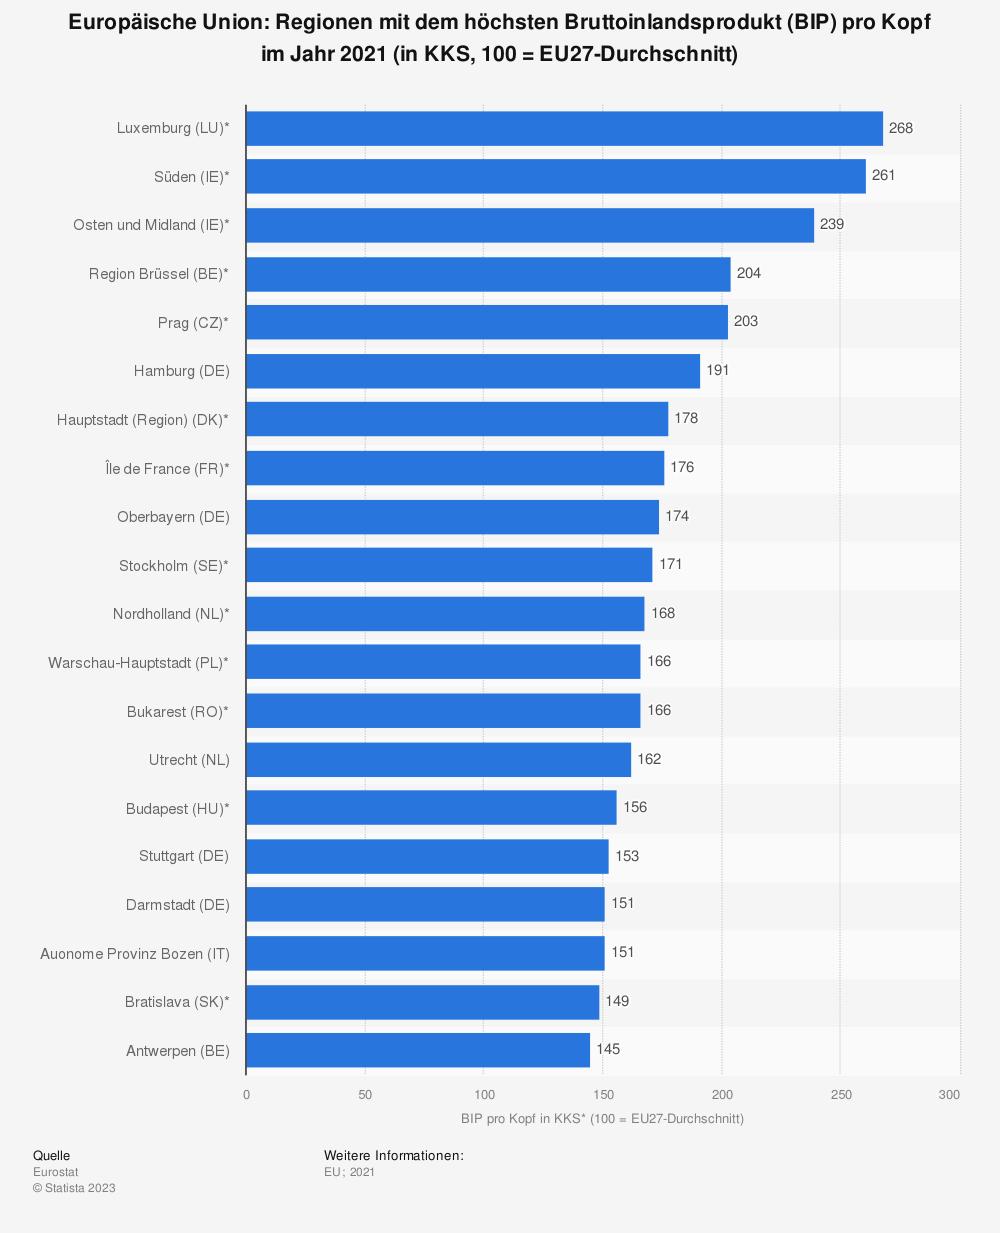 Statistik: Europäische Union: Regionen mit dem höchsten Bruttoinlandsprodukt (BIP) pro Kopf im Jahr 2018 (in KKS, 100 = EU-Durchschnitt) | Statista